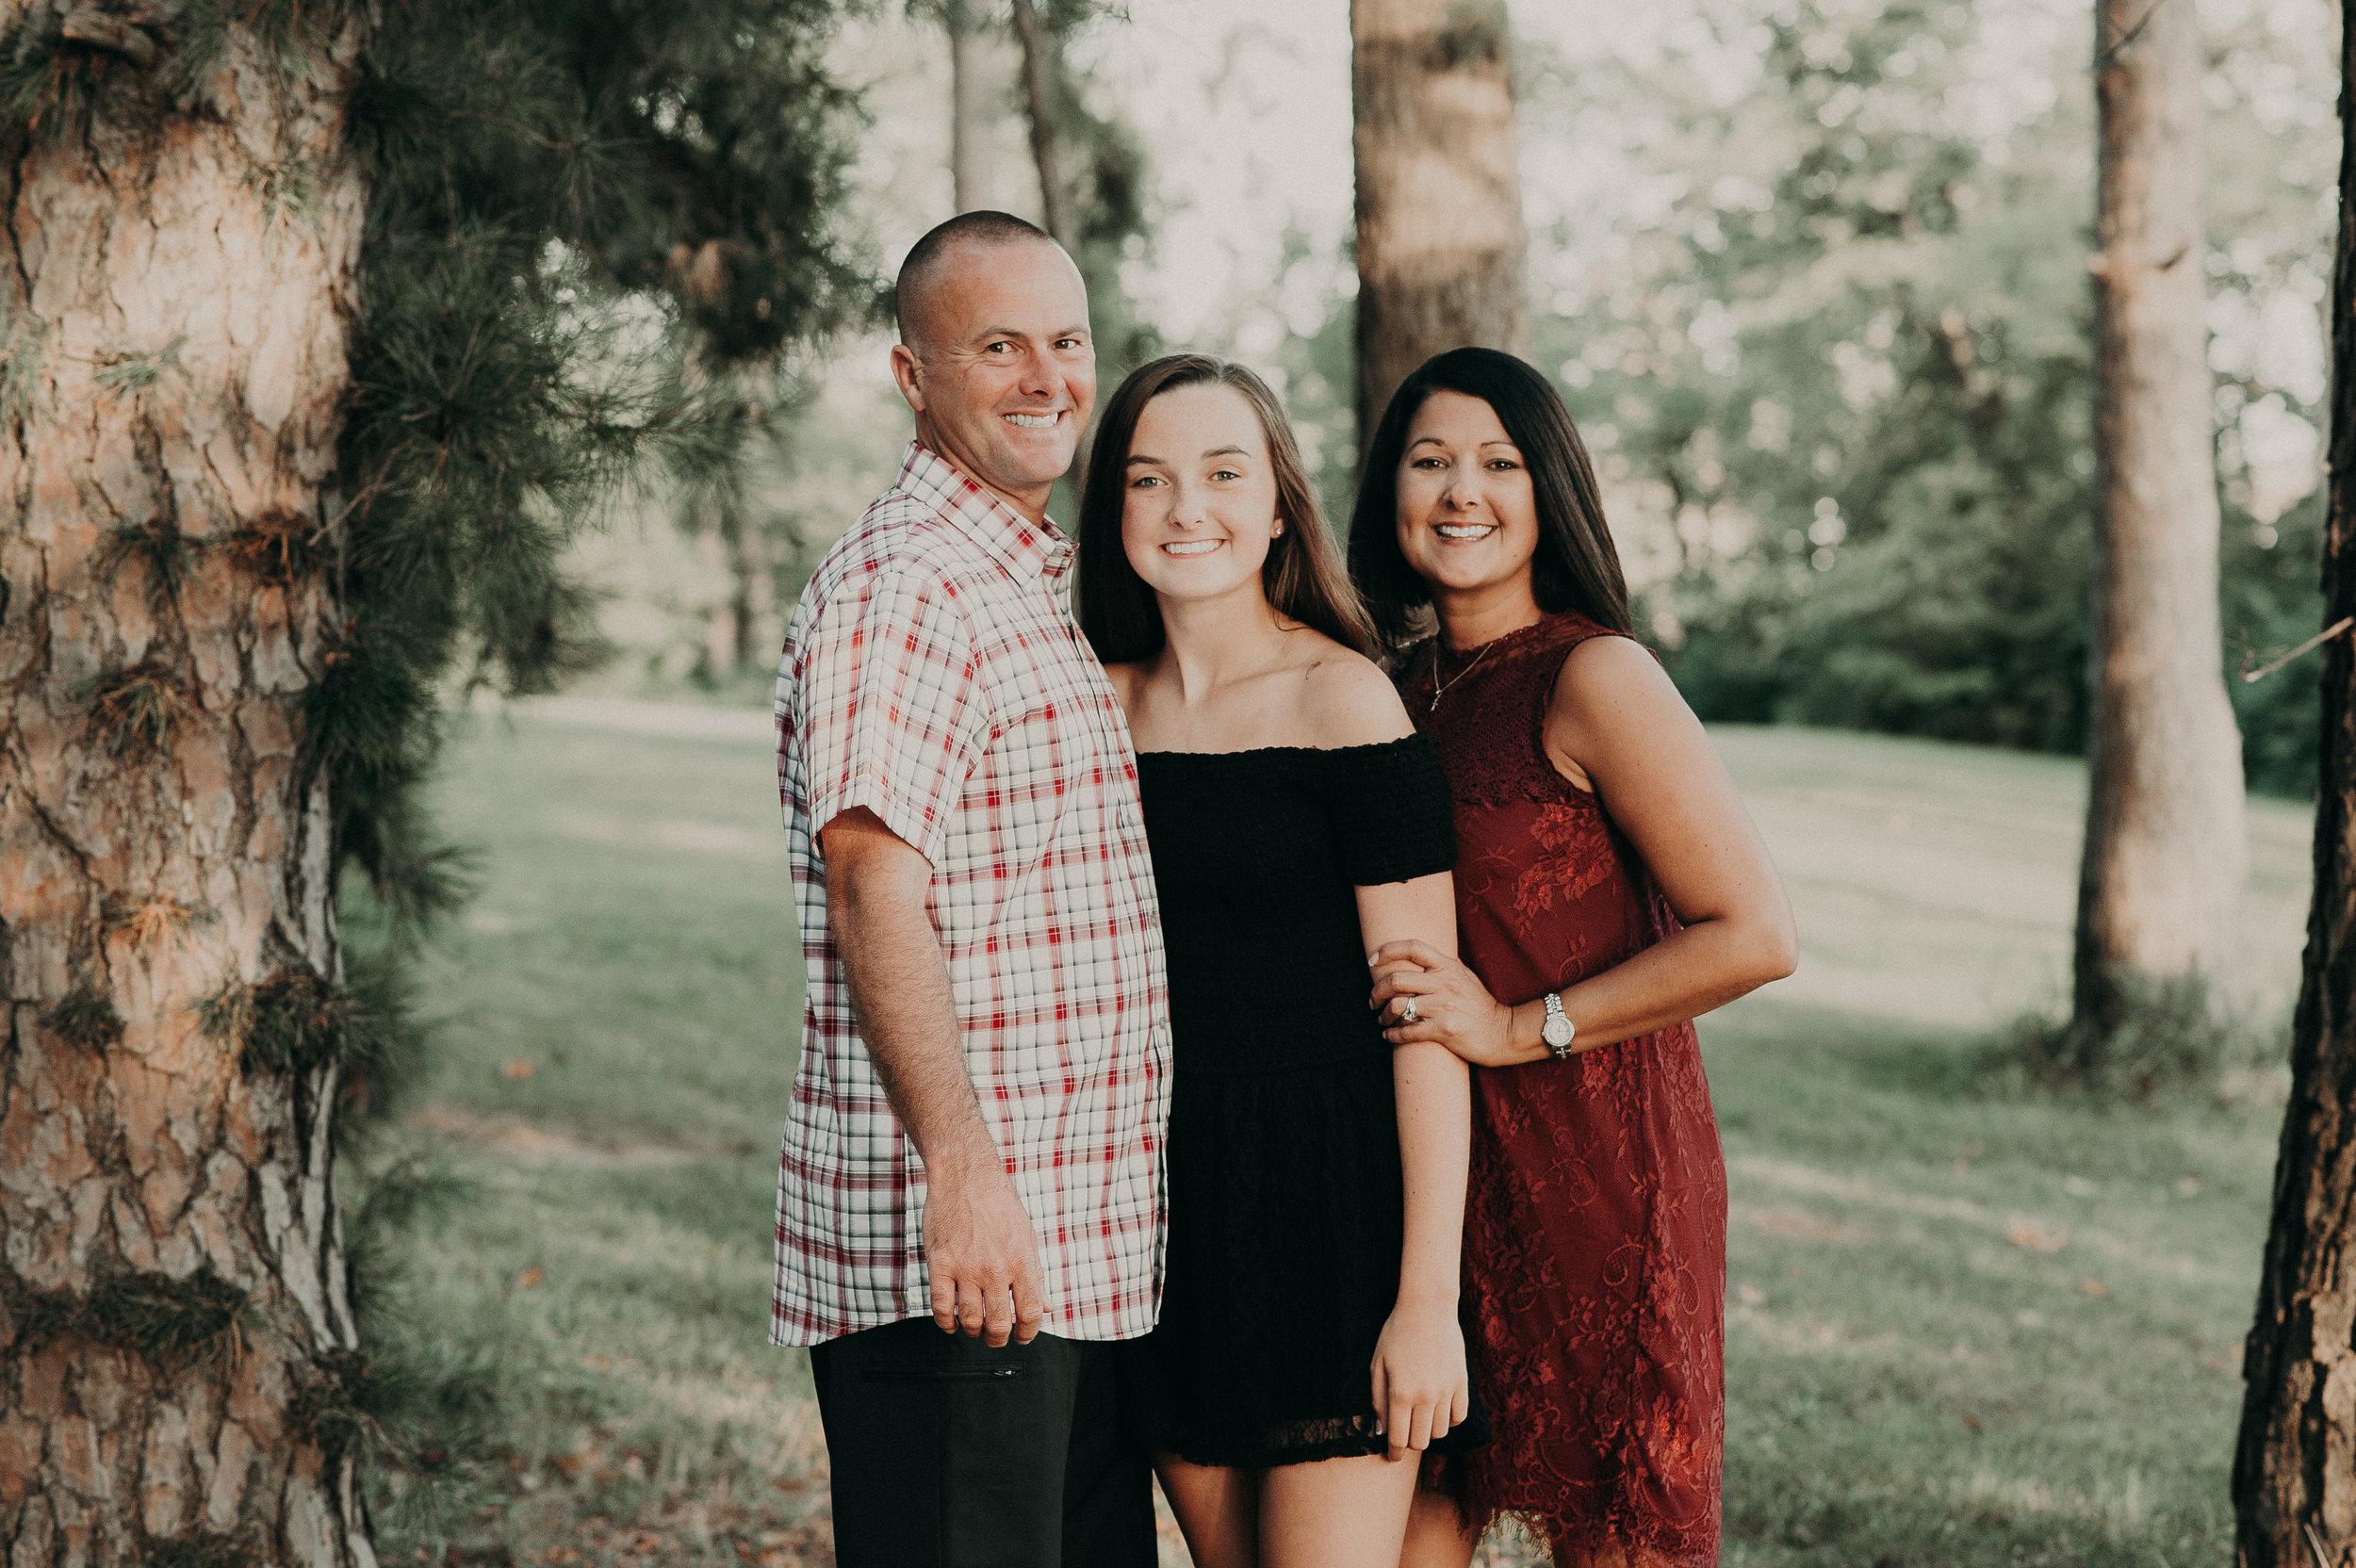 ROSIAK - FAMILY